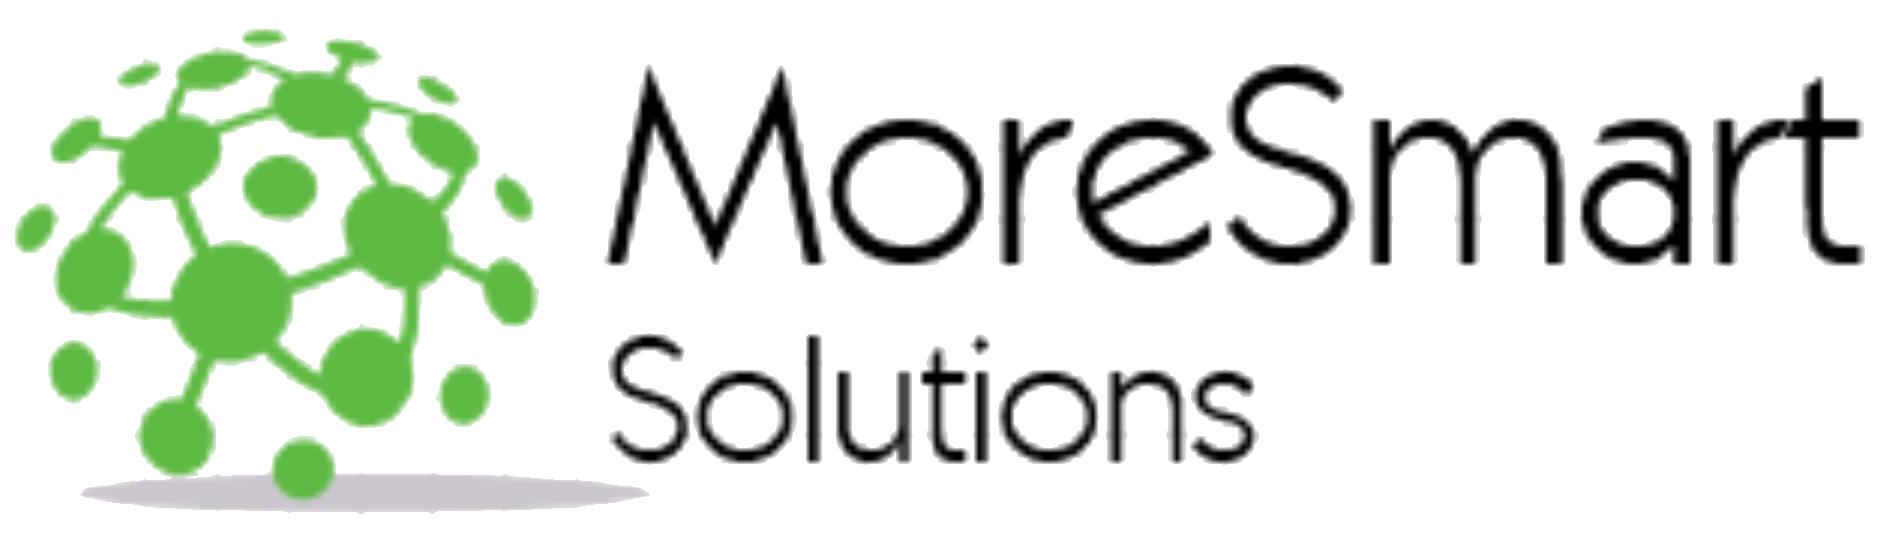 MoreSmart Solutions